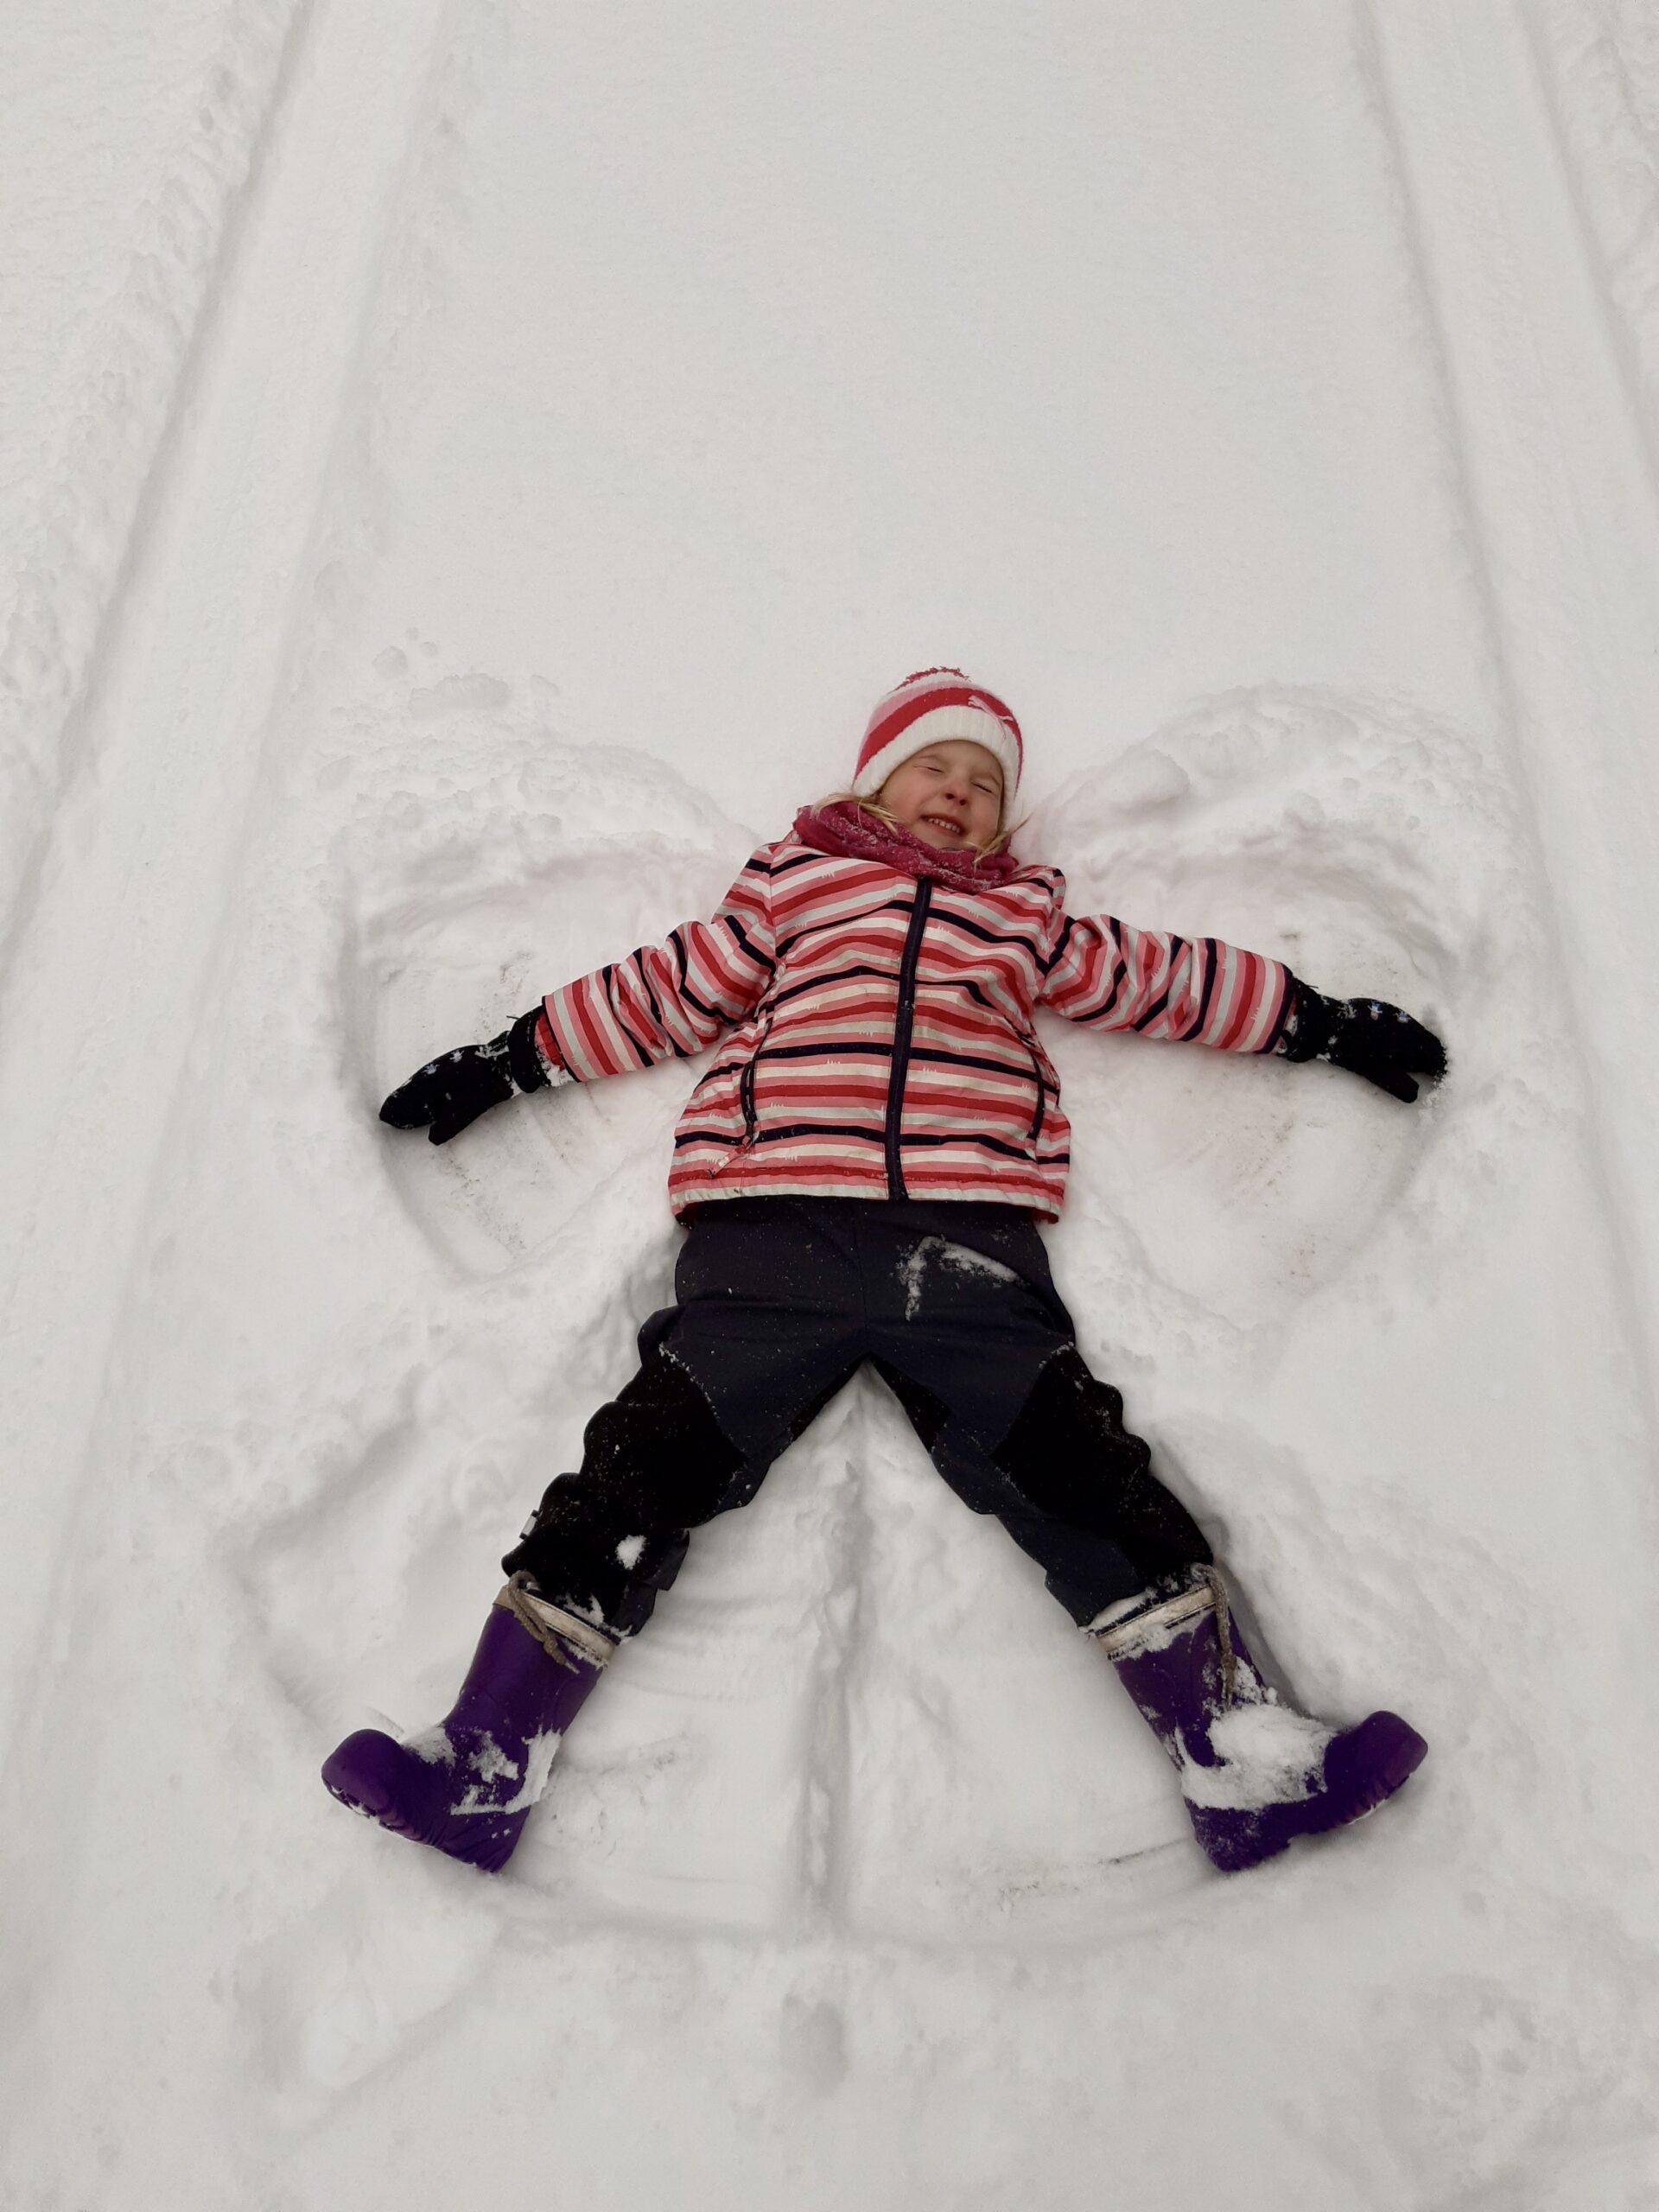 Užij si sněhové hry